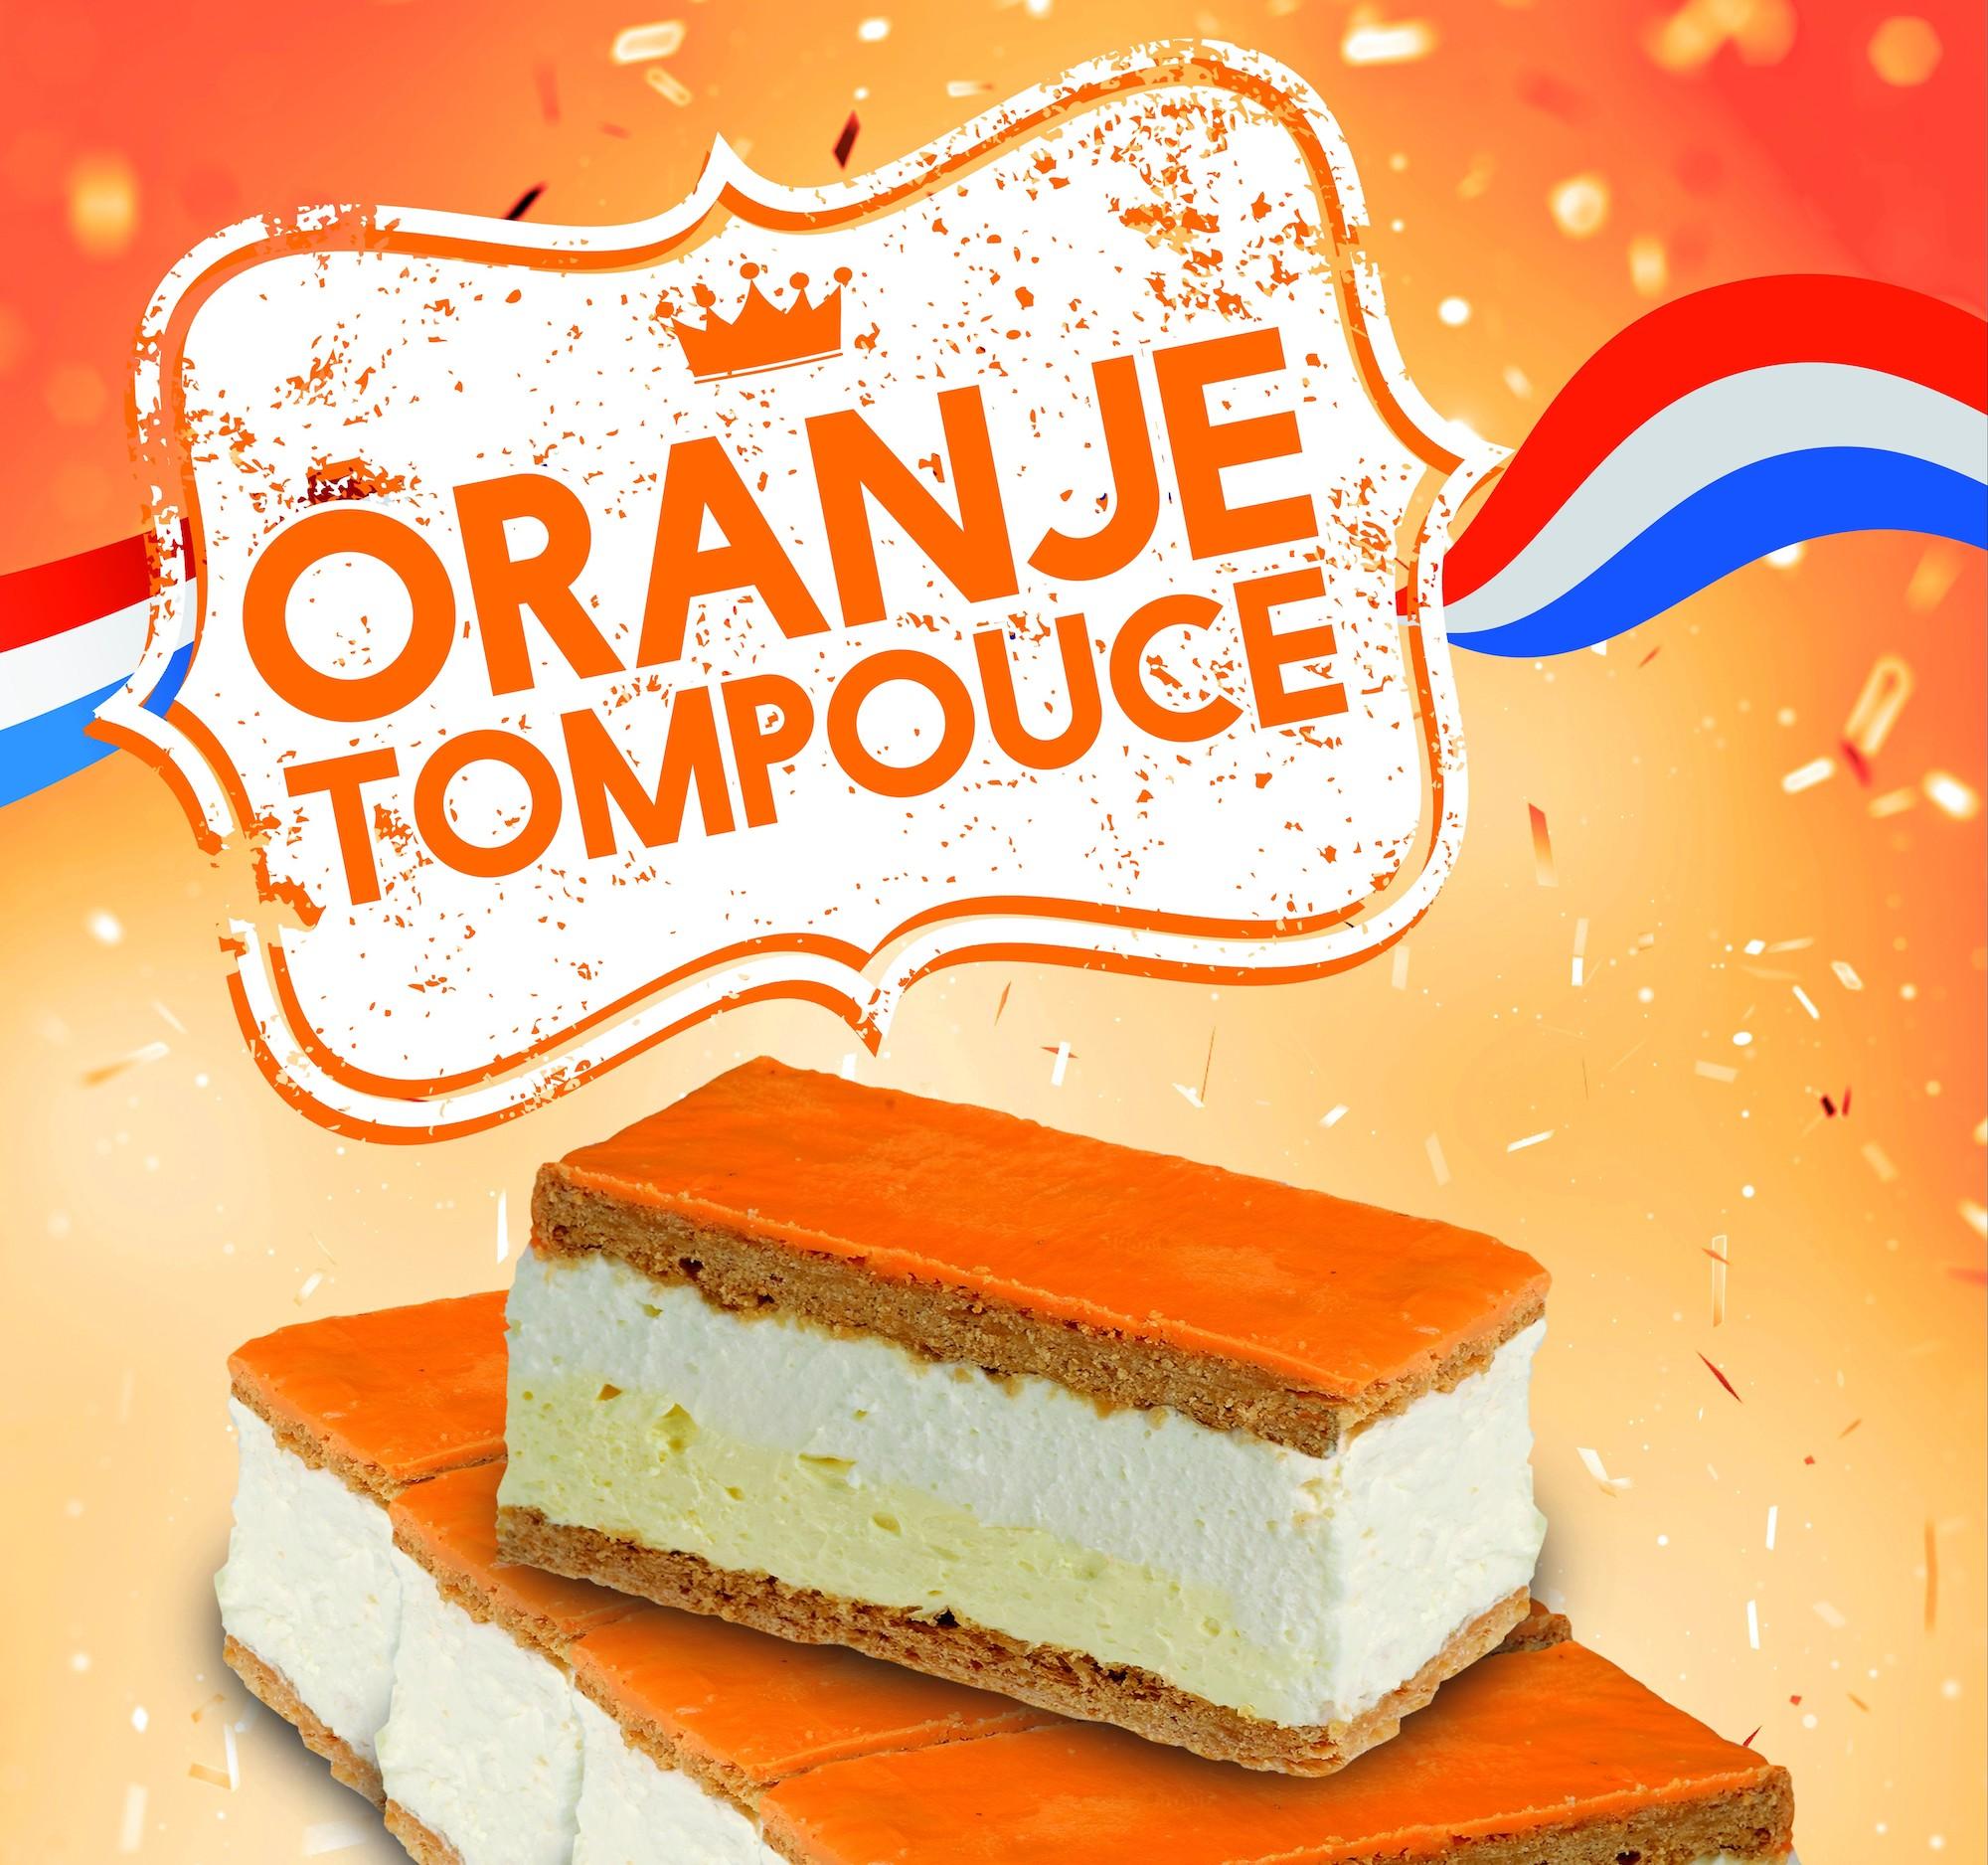 Koningsdag oranje tompoucen bij bakkerij Herman Schepers